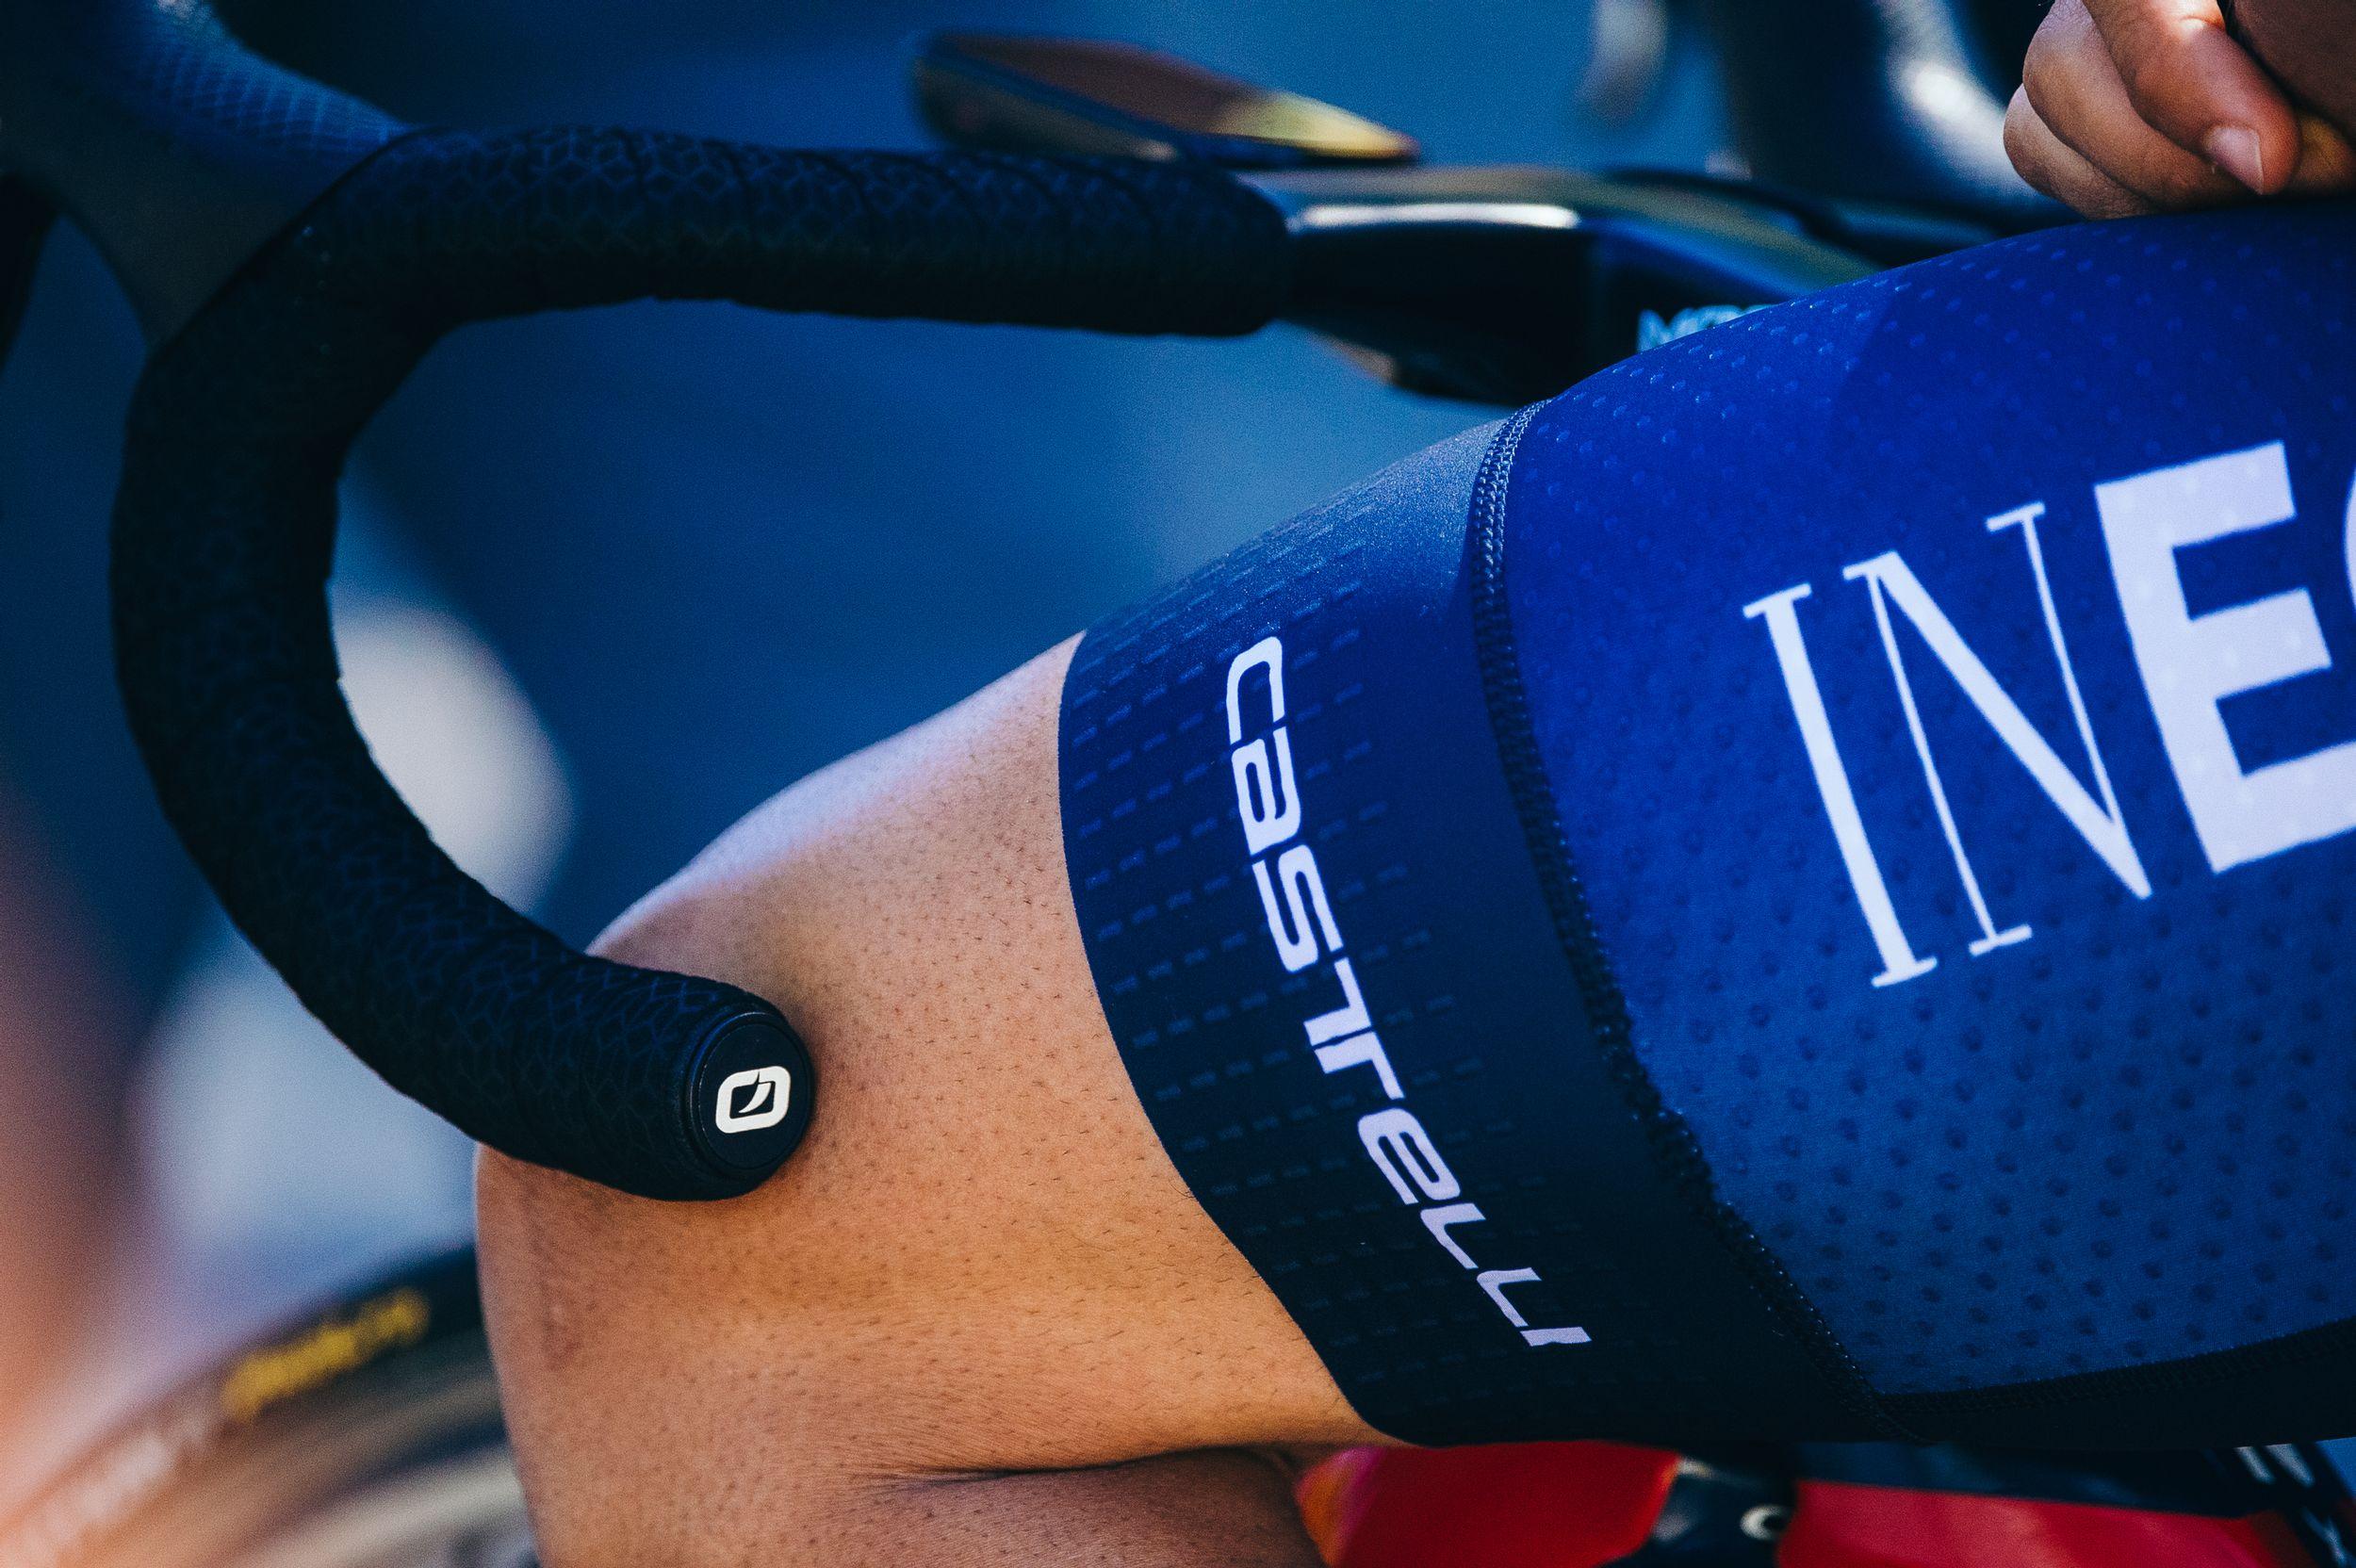 Team Ineos & Castelli teamkleding